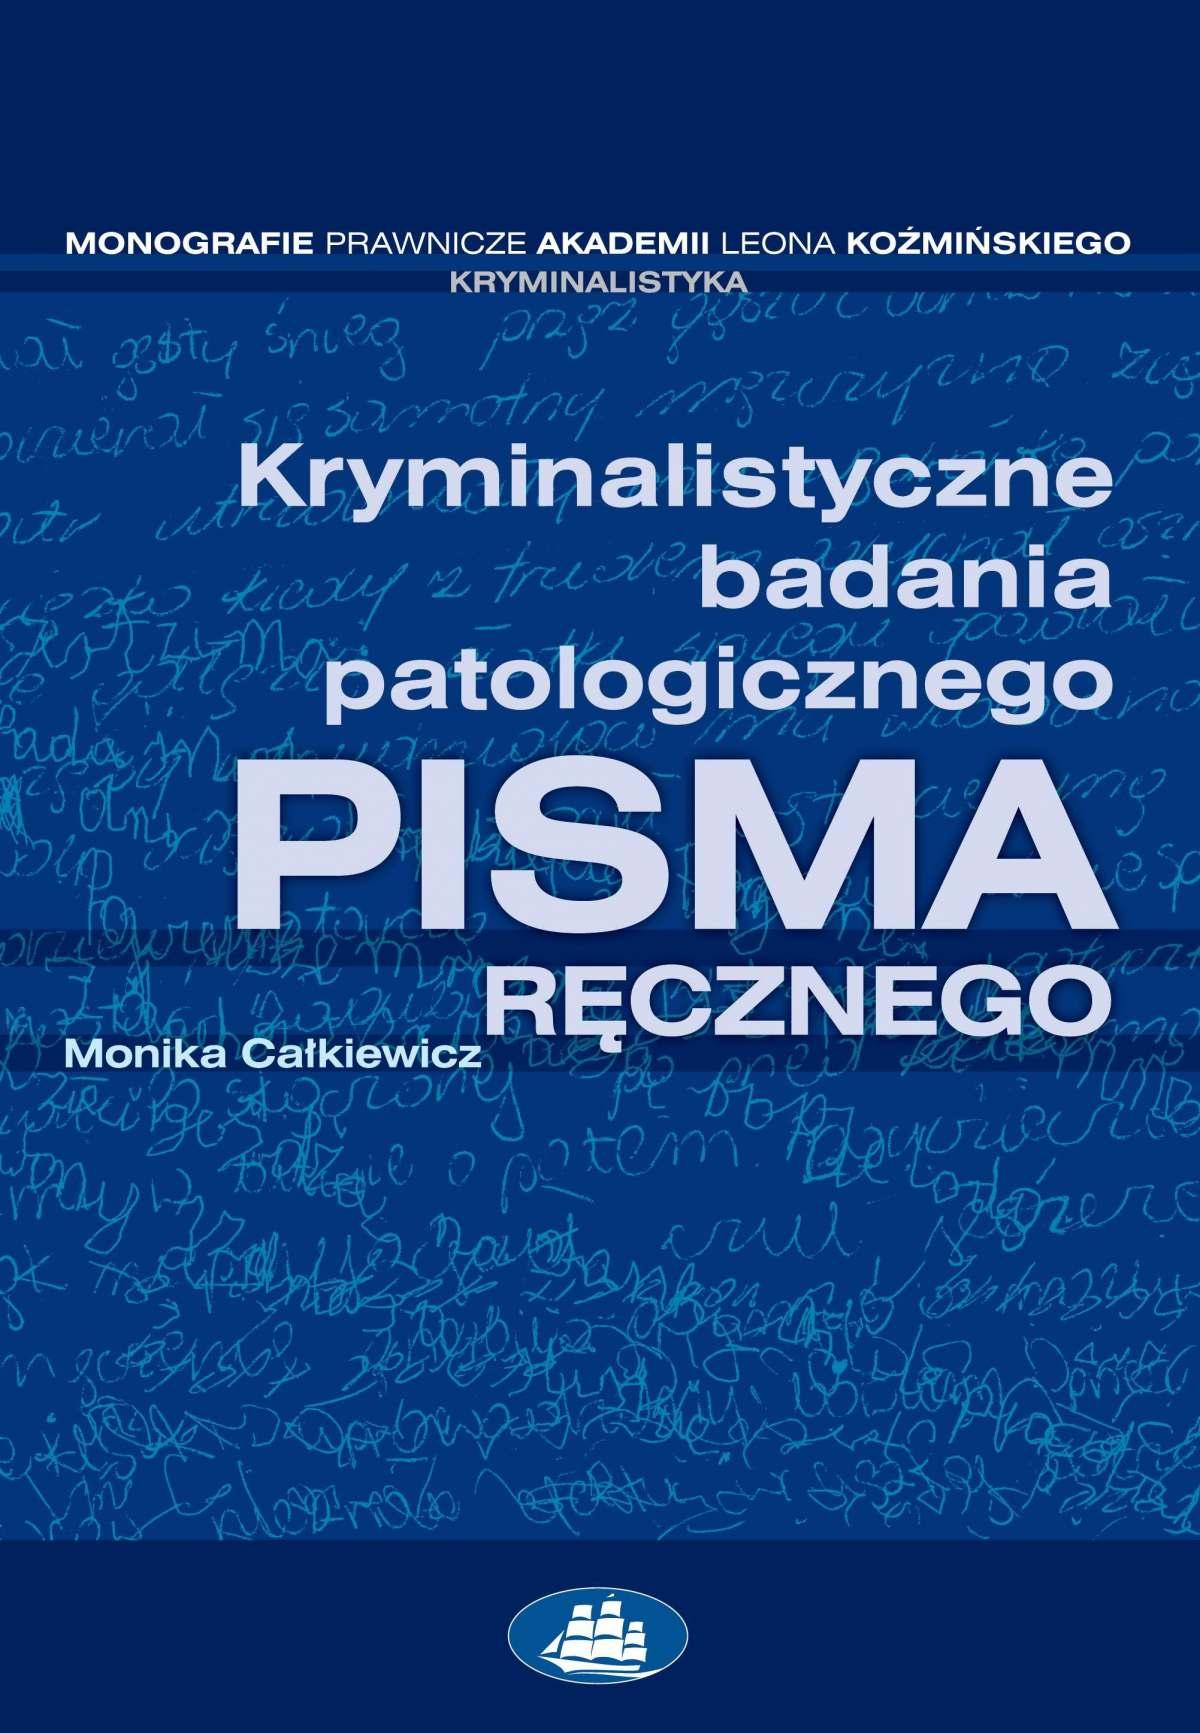 Kryminalistyczne badania patologicznego pisma ręcznego - Ebook (Książka PDF) do pobrania w formacie PDF